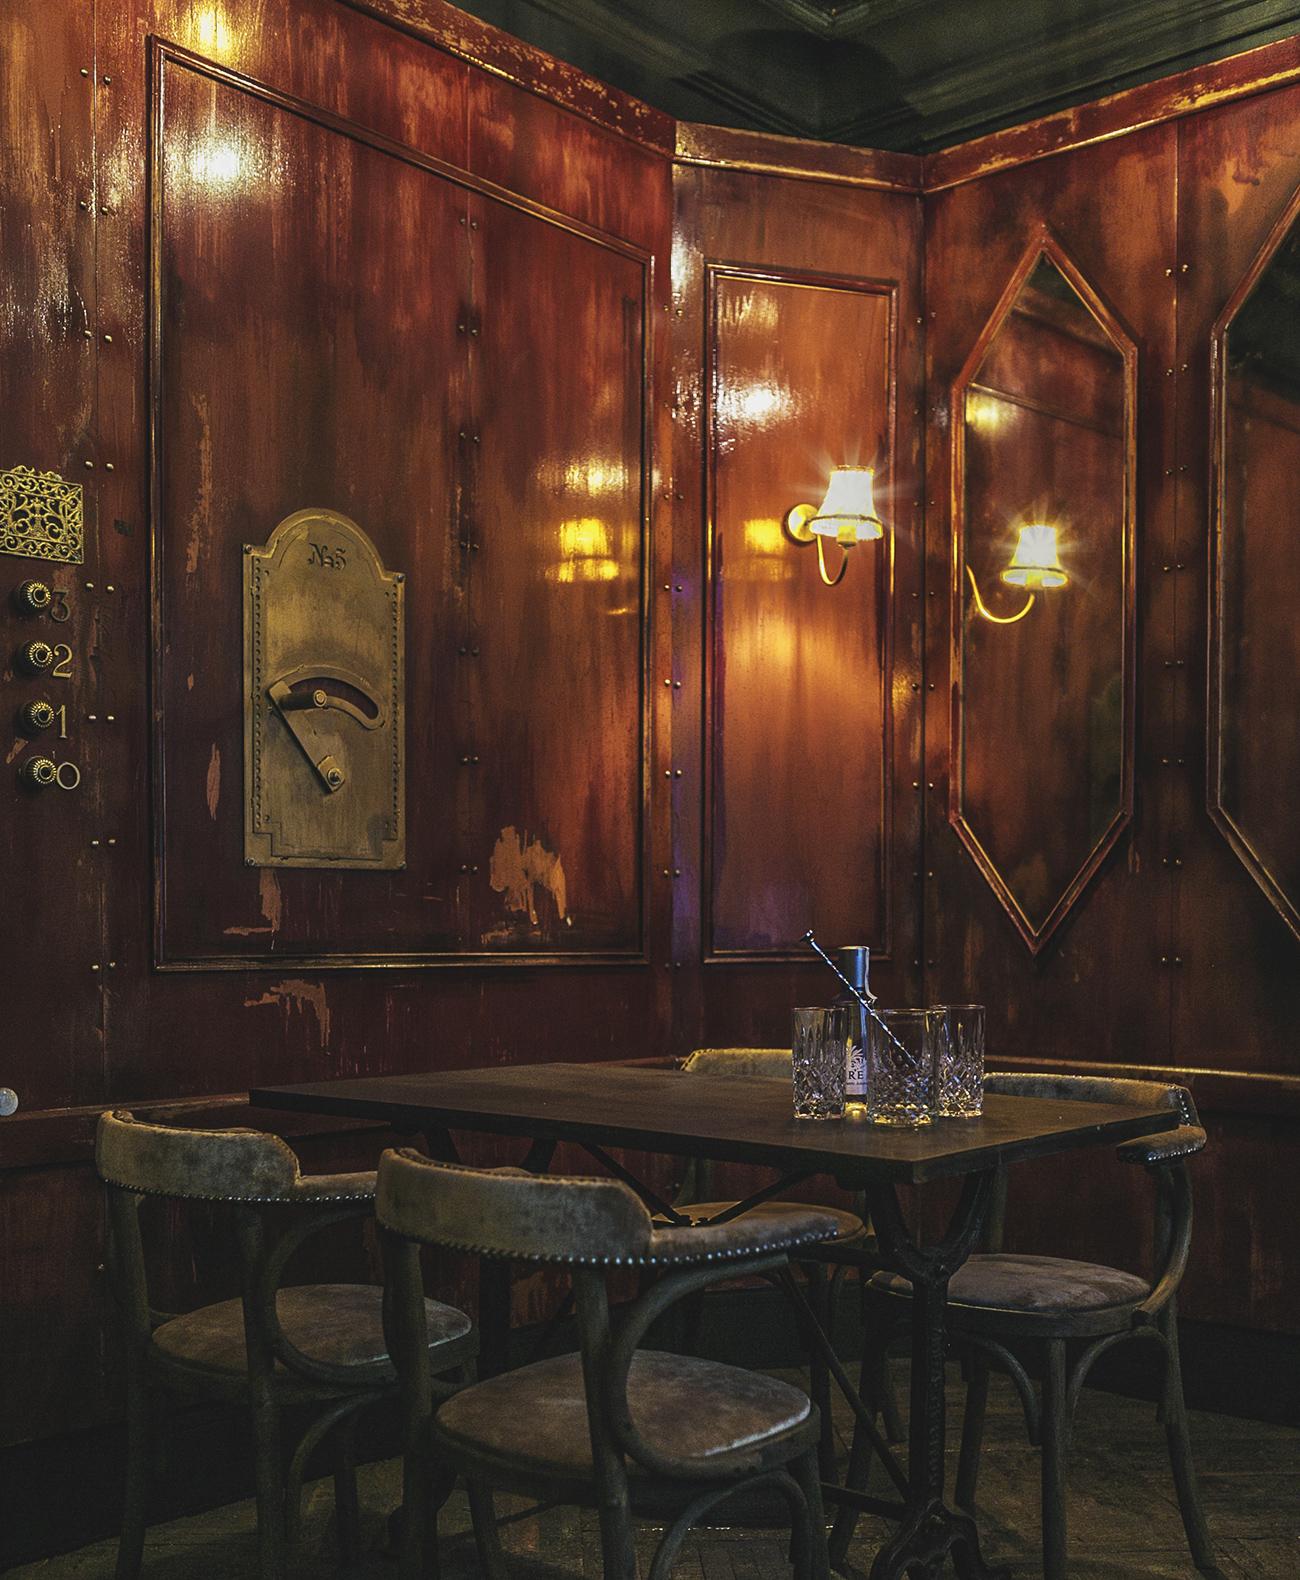 Proyectos de interiorismo n5 burger lujo y decadencia - Interiorismo madrid ...